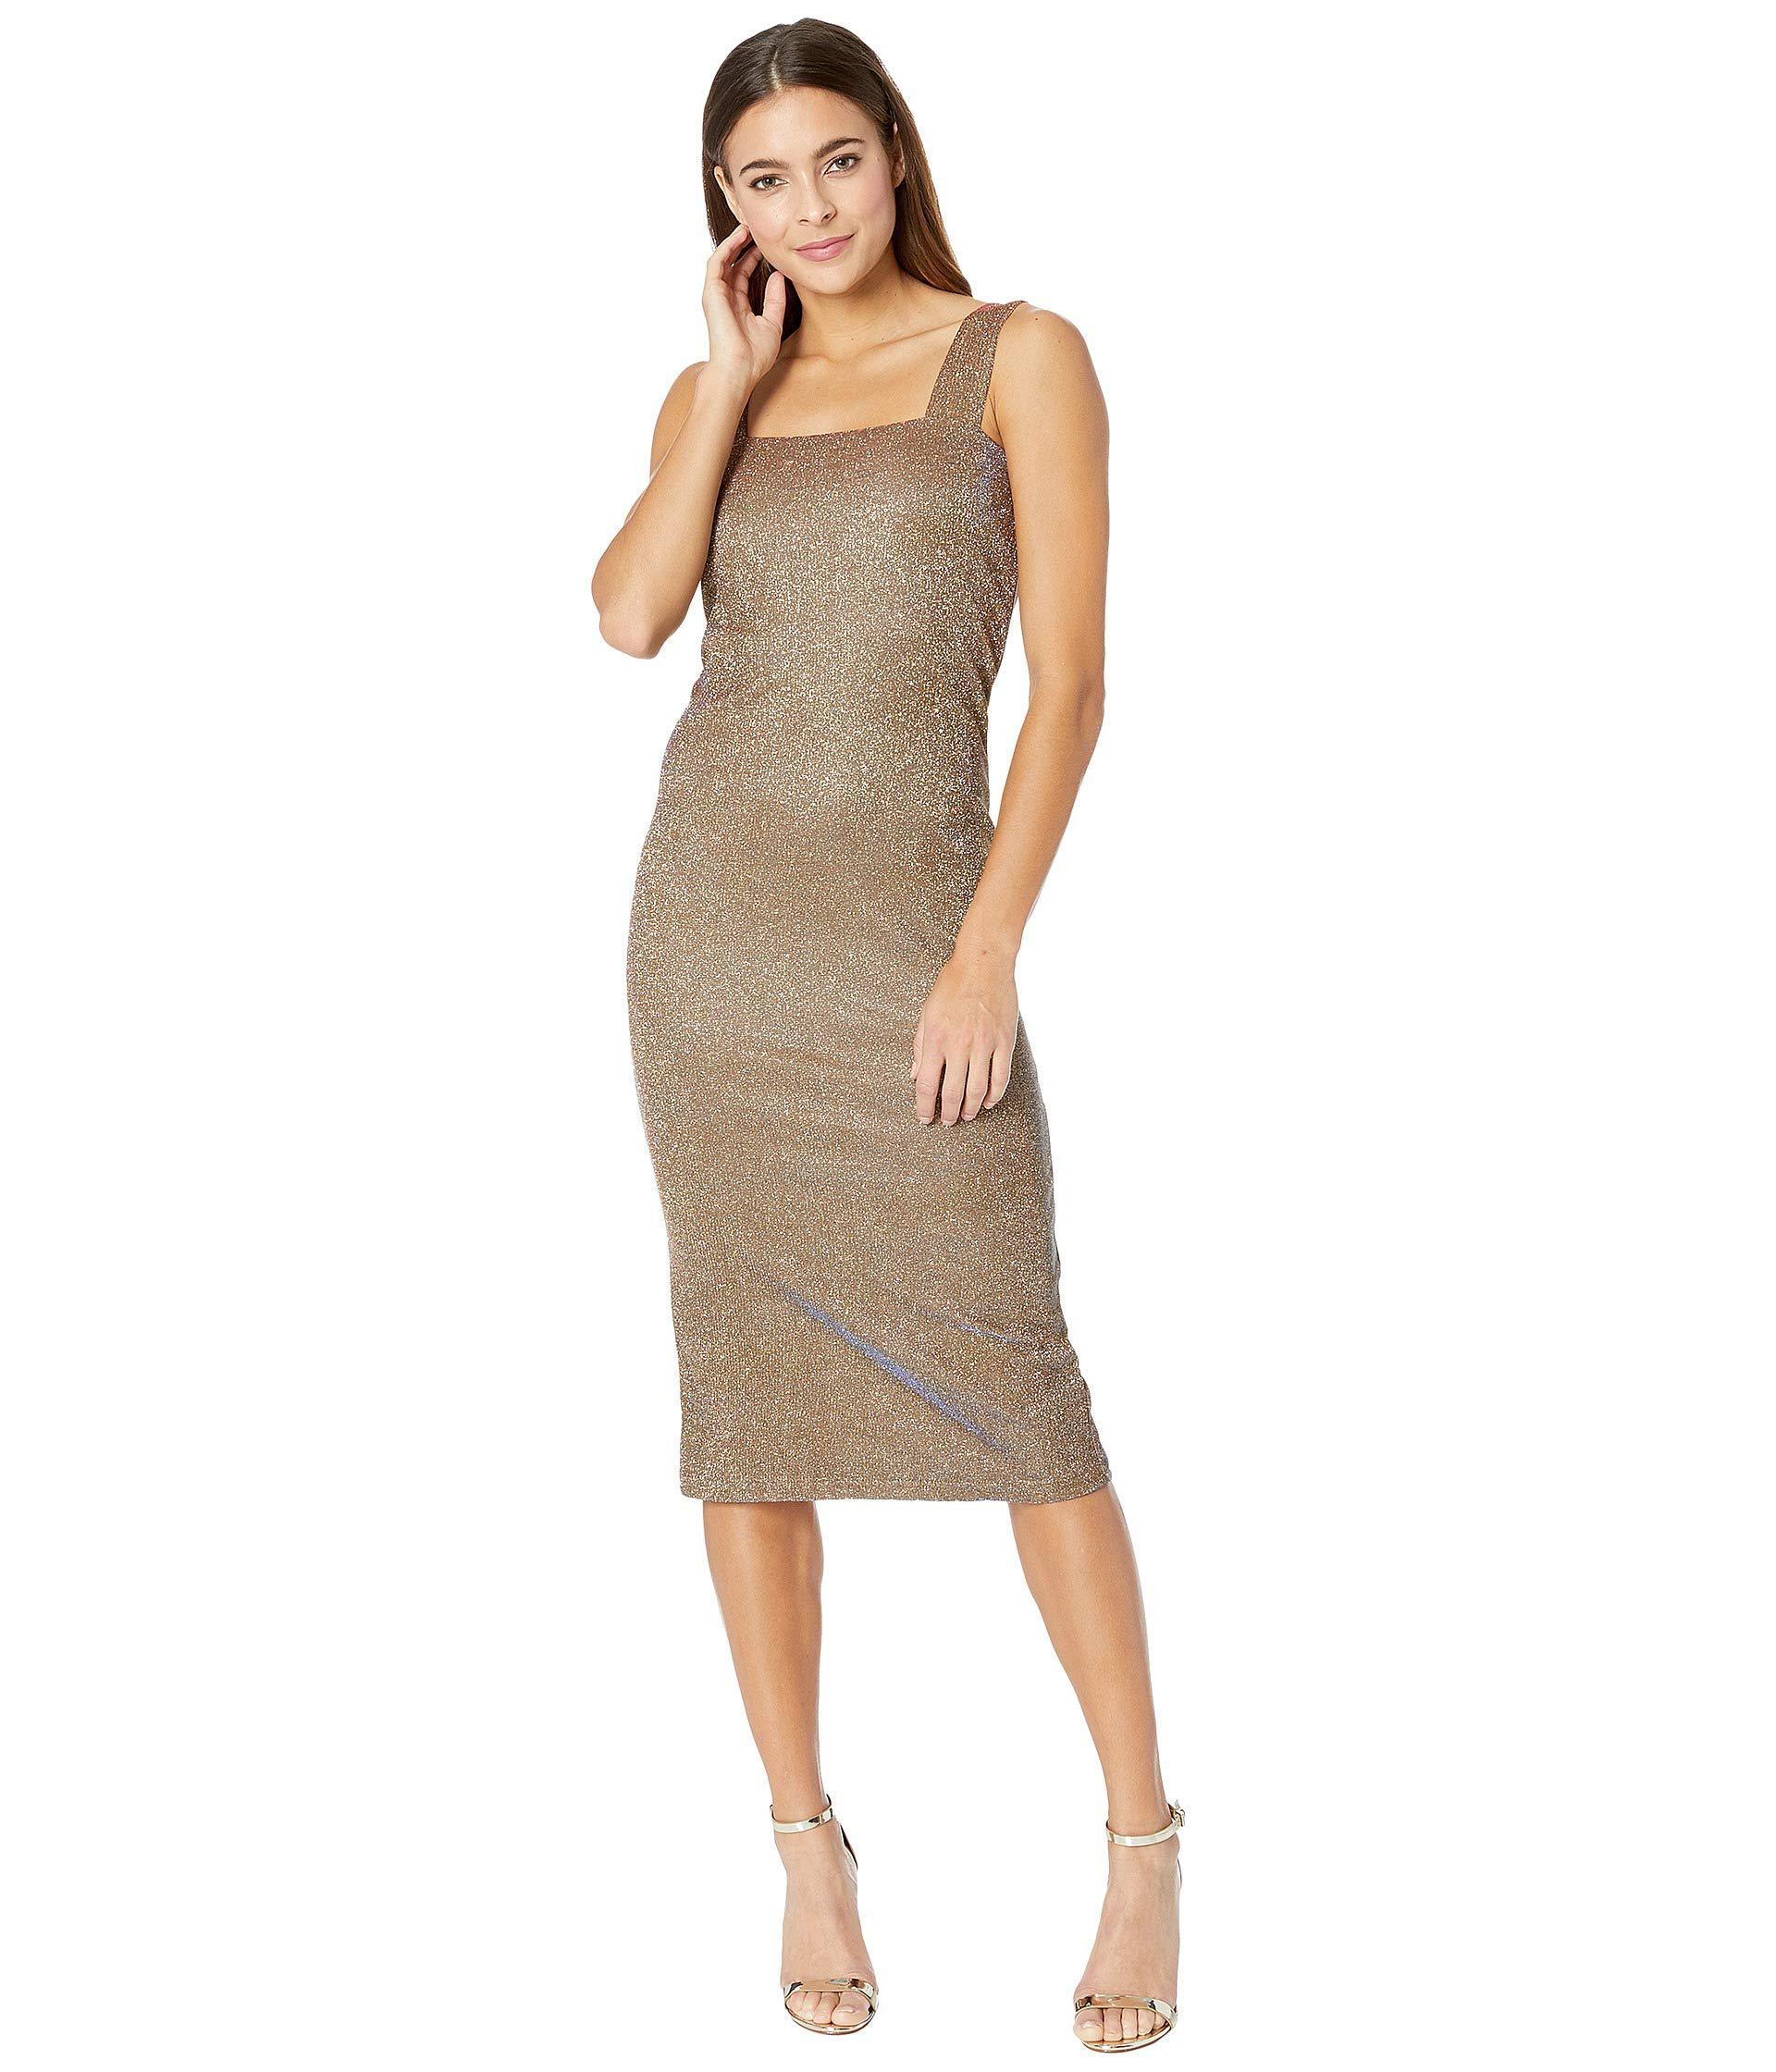 3a7f23b19c4e Lyst - Bardot Mimi Sparkle Dress (gold) Women s Dress in Metallic